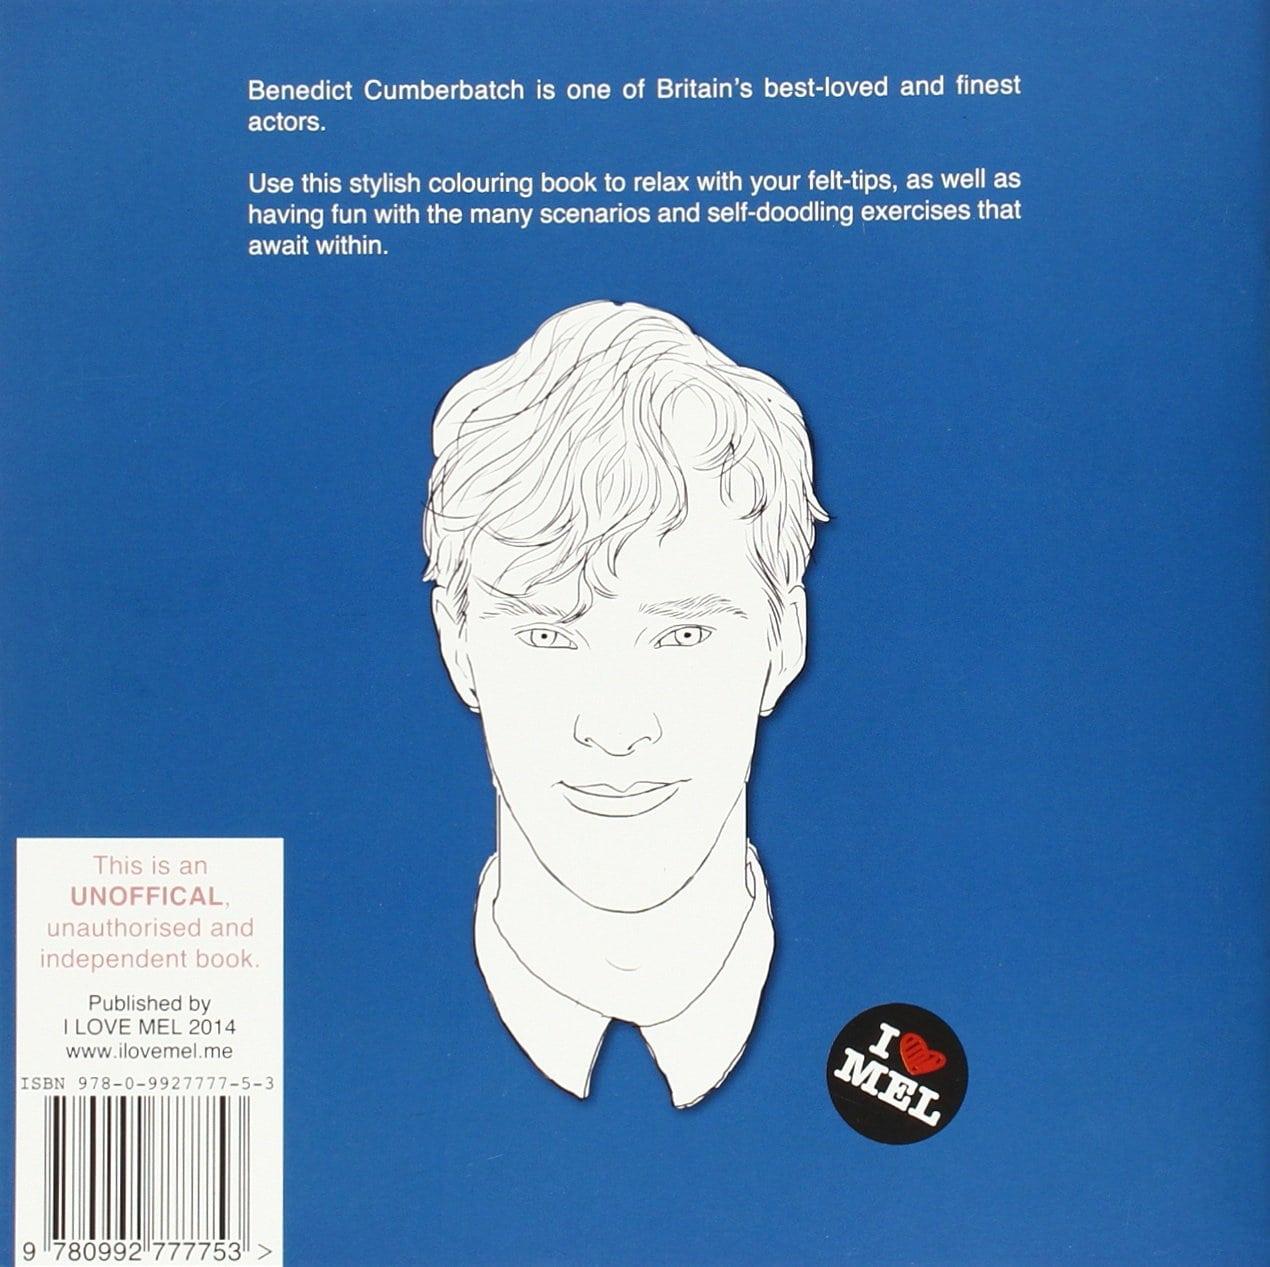 Amazon Com  Colour Me Good Benedict Cumberbatch (9780992777753